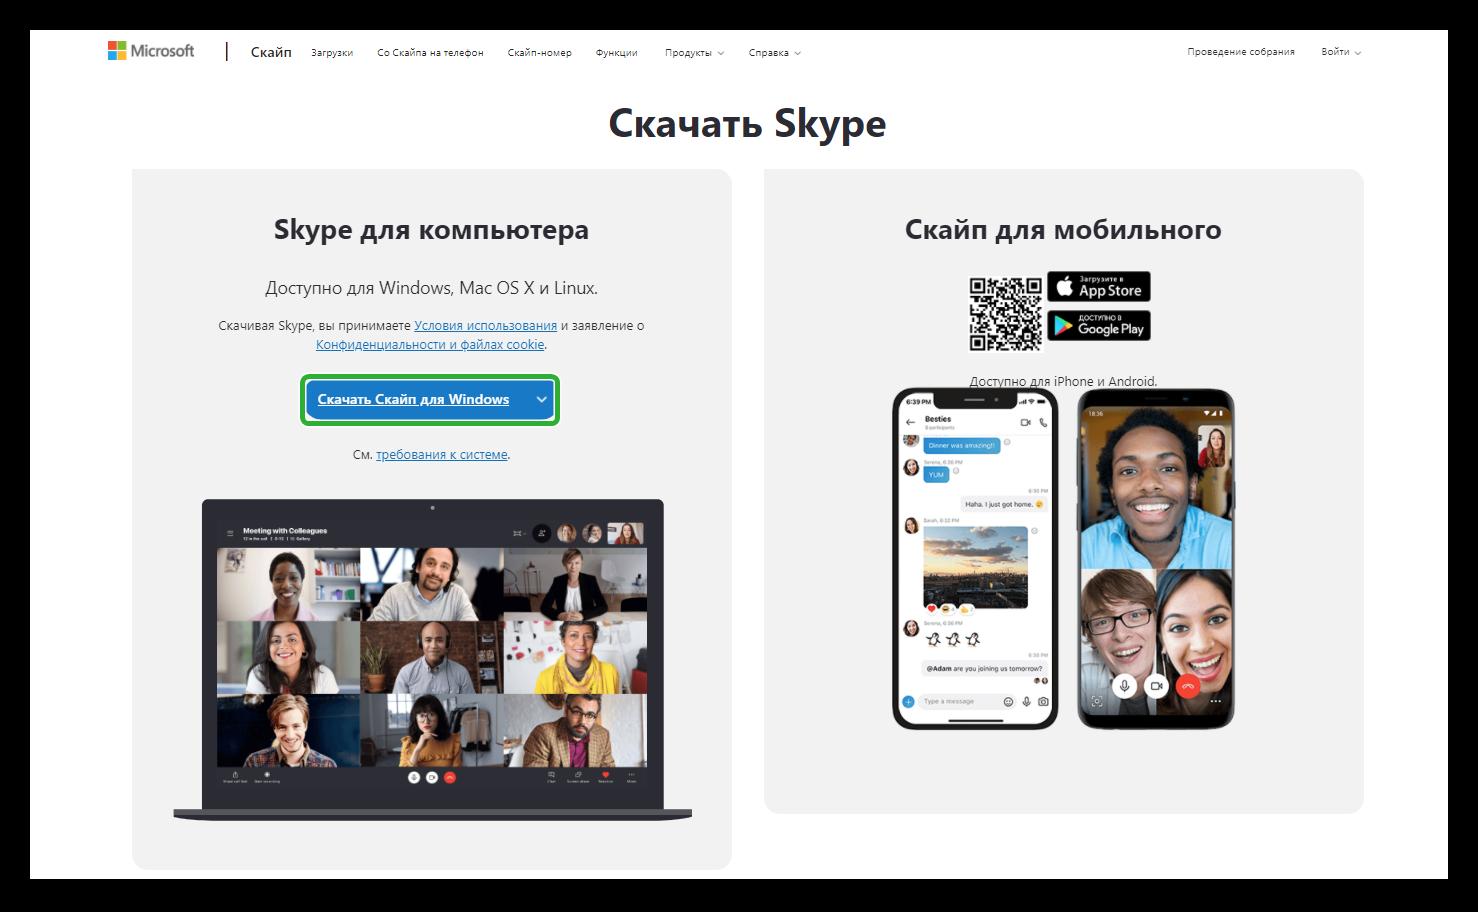 Скачать Skype ля Windows